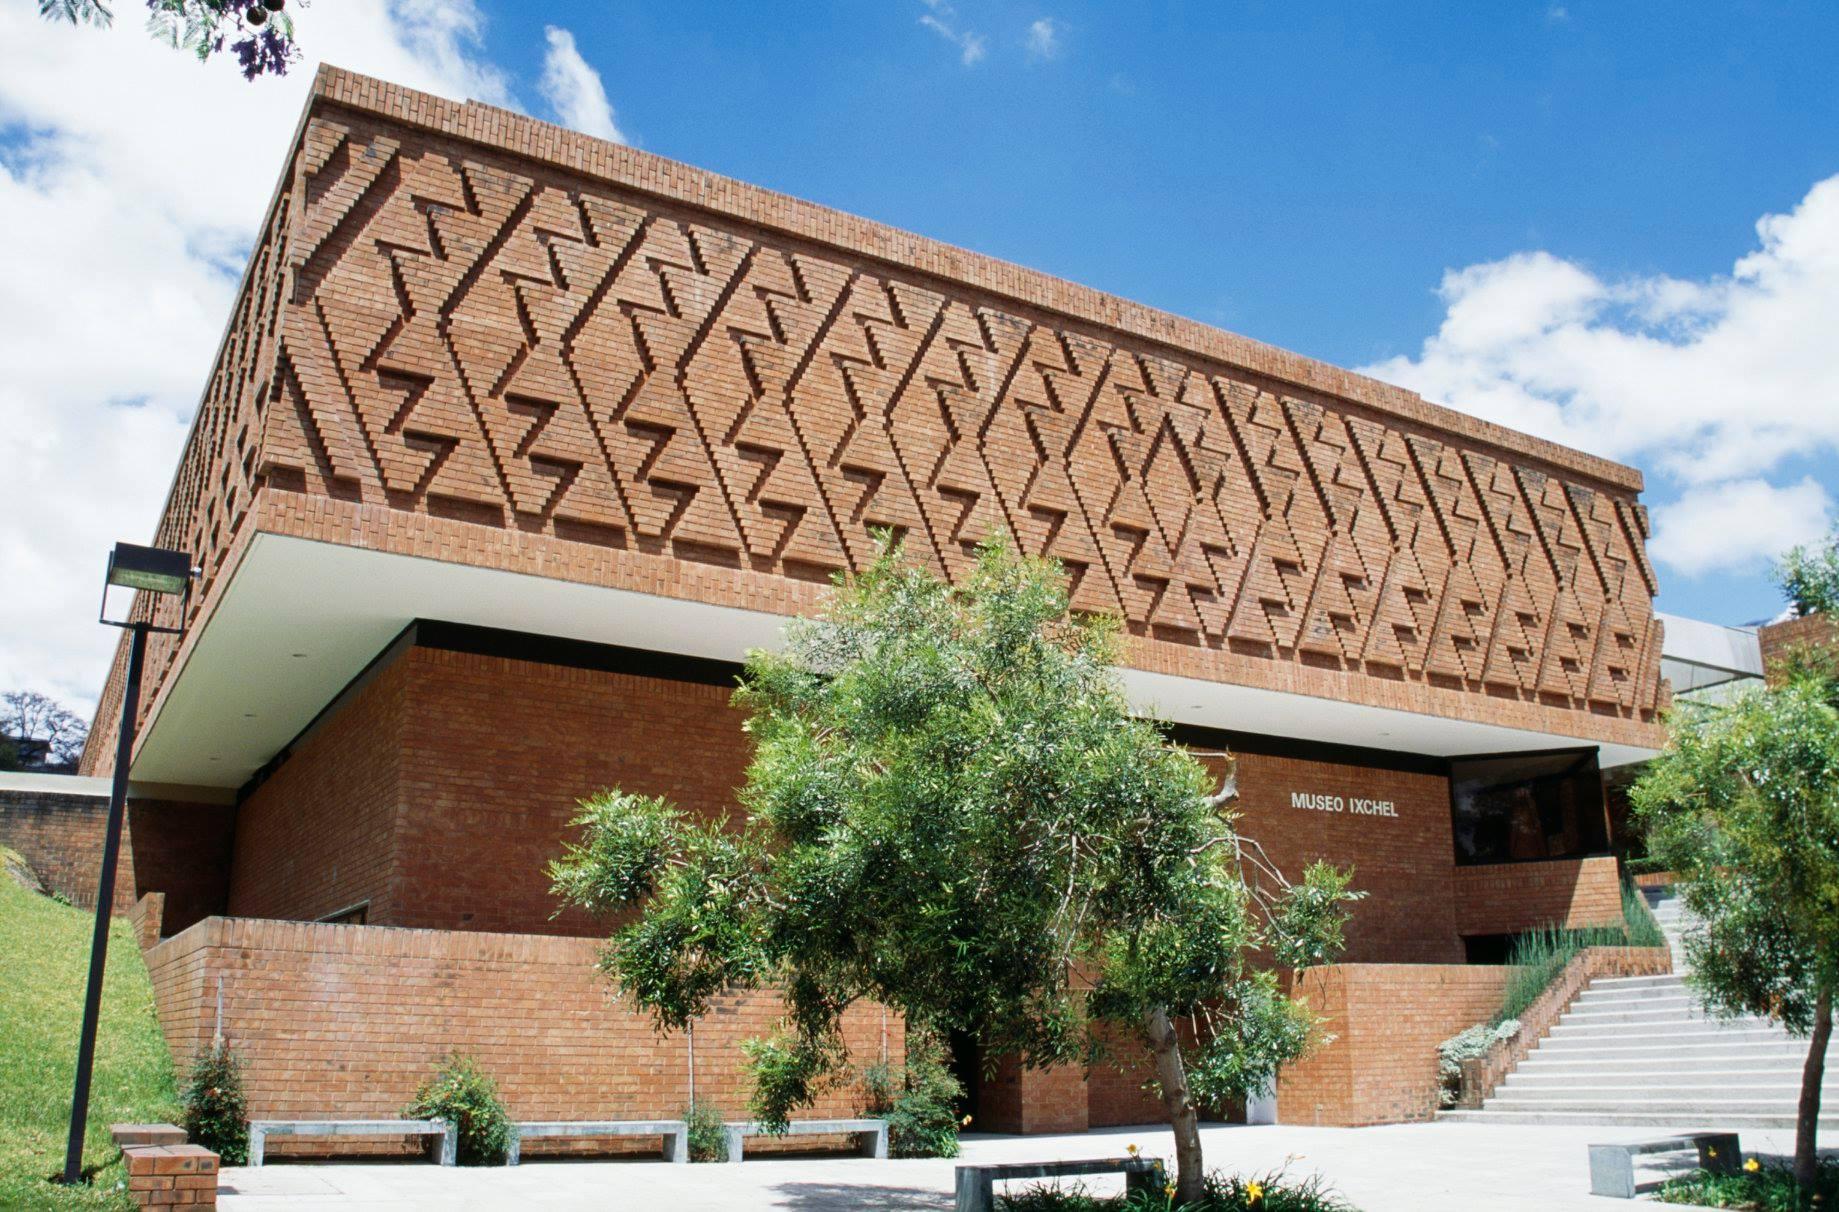 Museo Ixchel Fachada.jpg